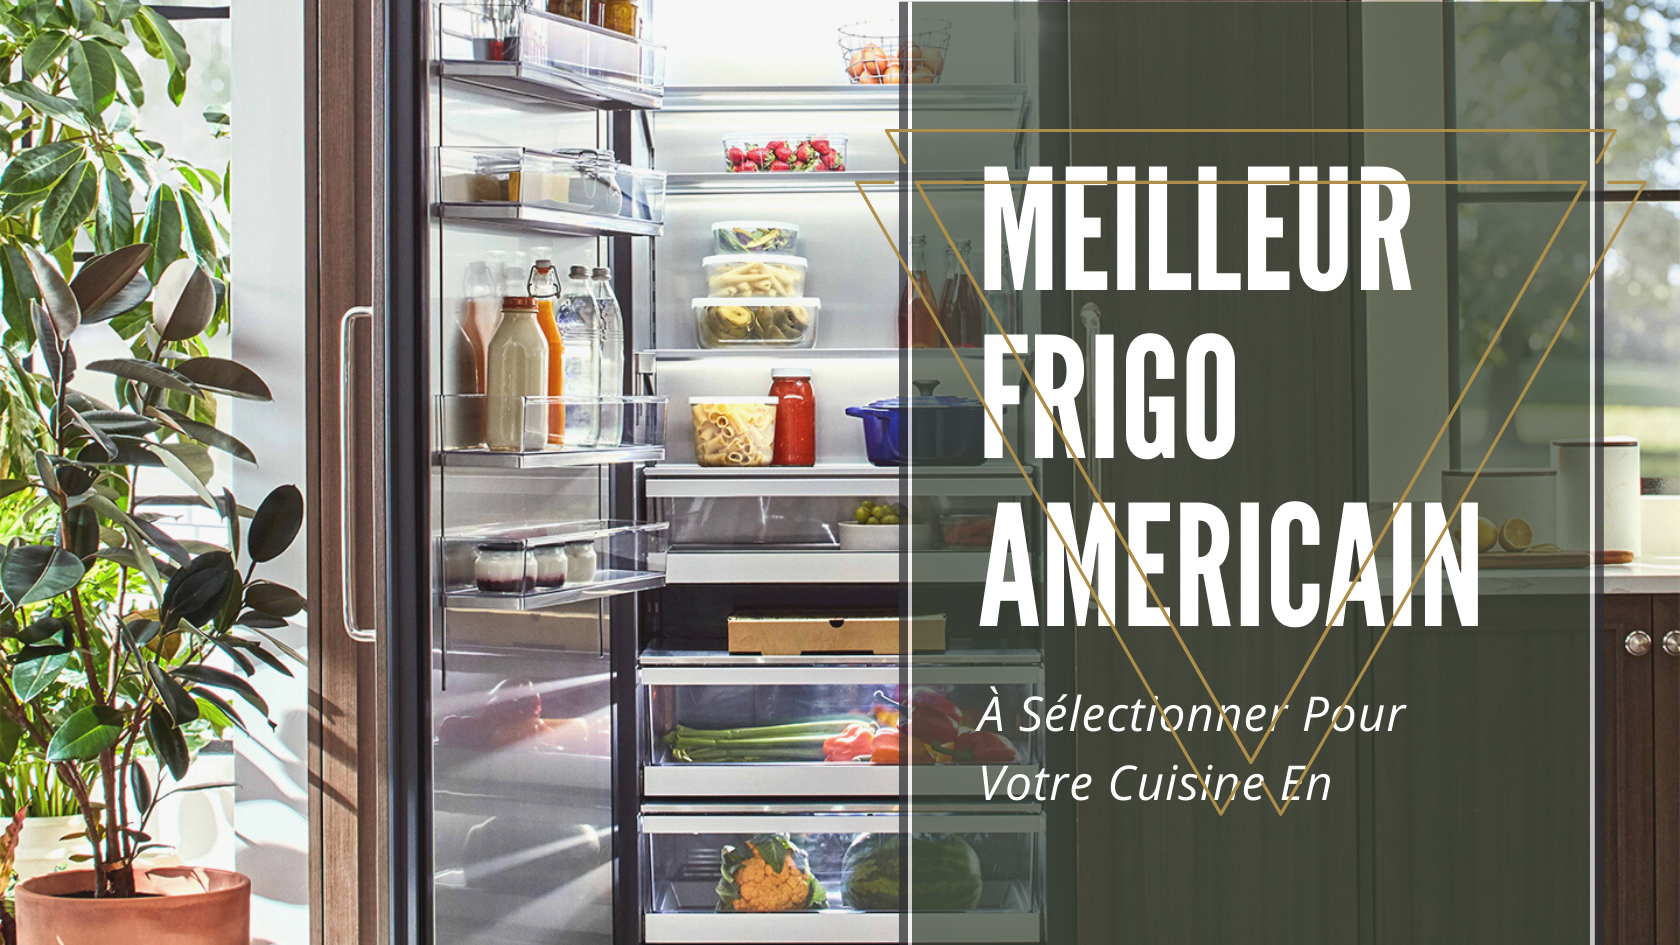 meilleur frigo americain